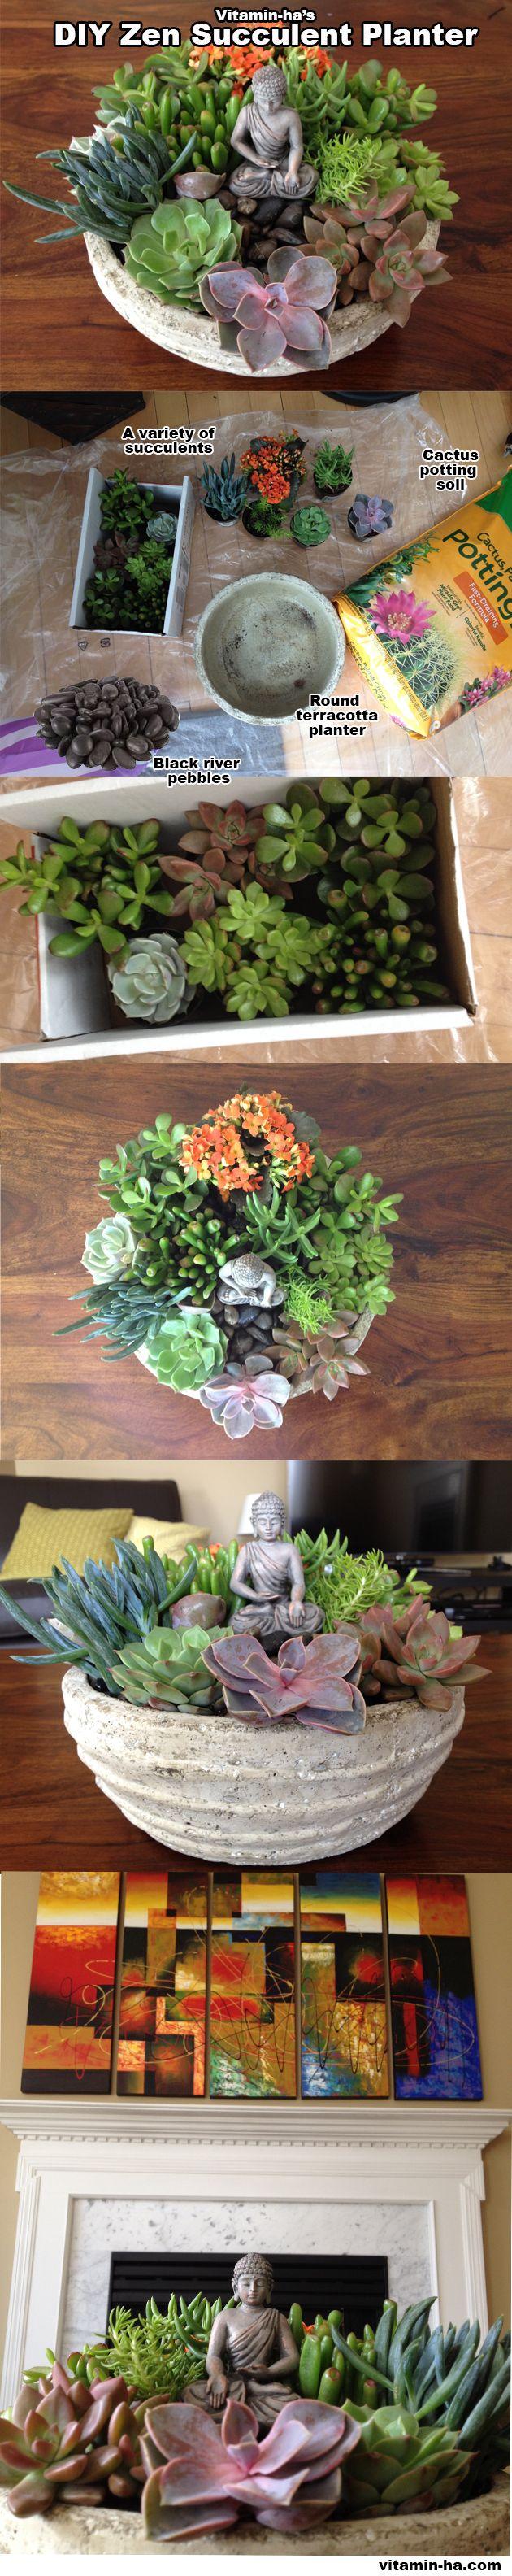 Vitamin-Ha – Create your own Tabletop Zen Succulent Garden